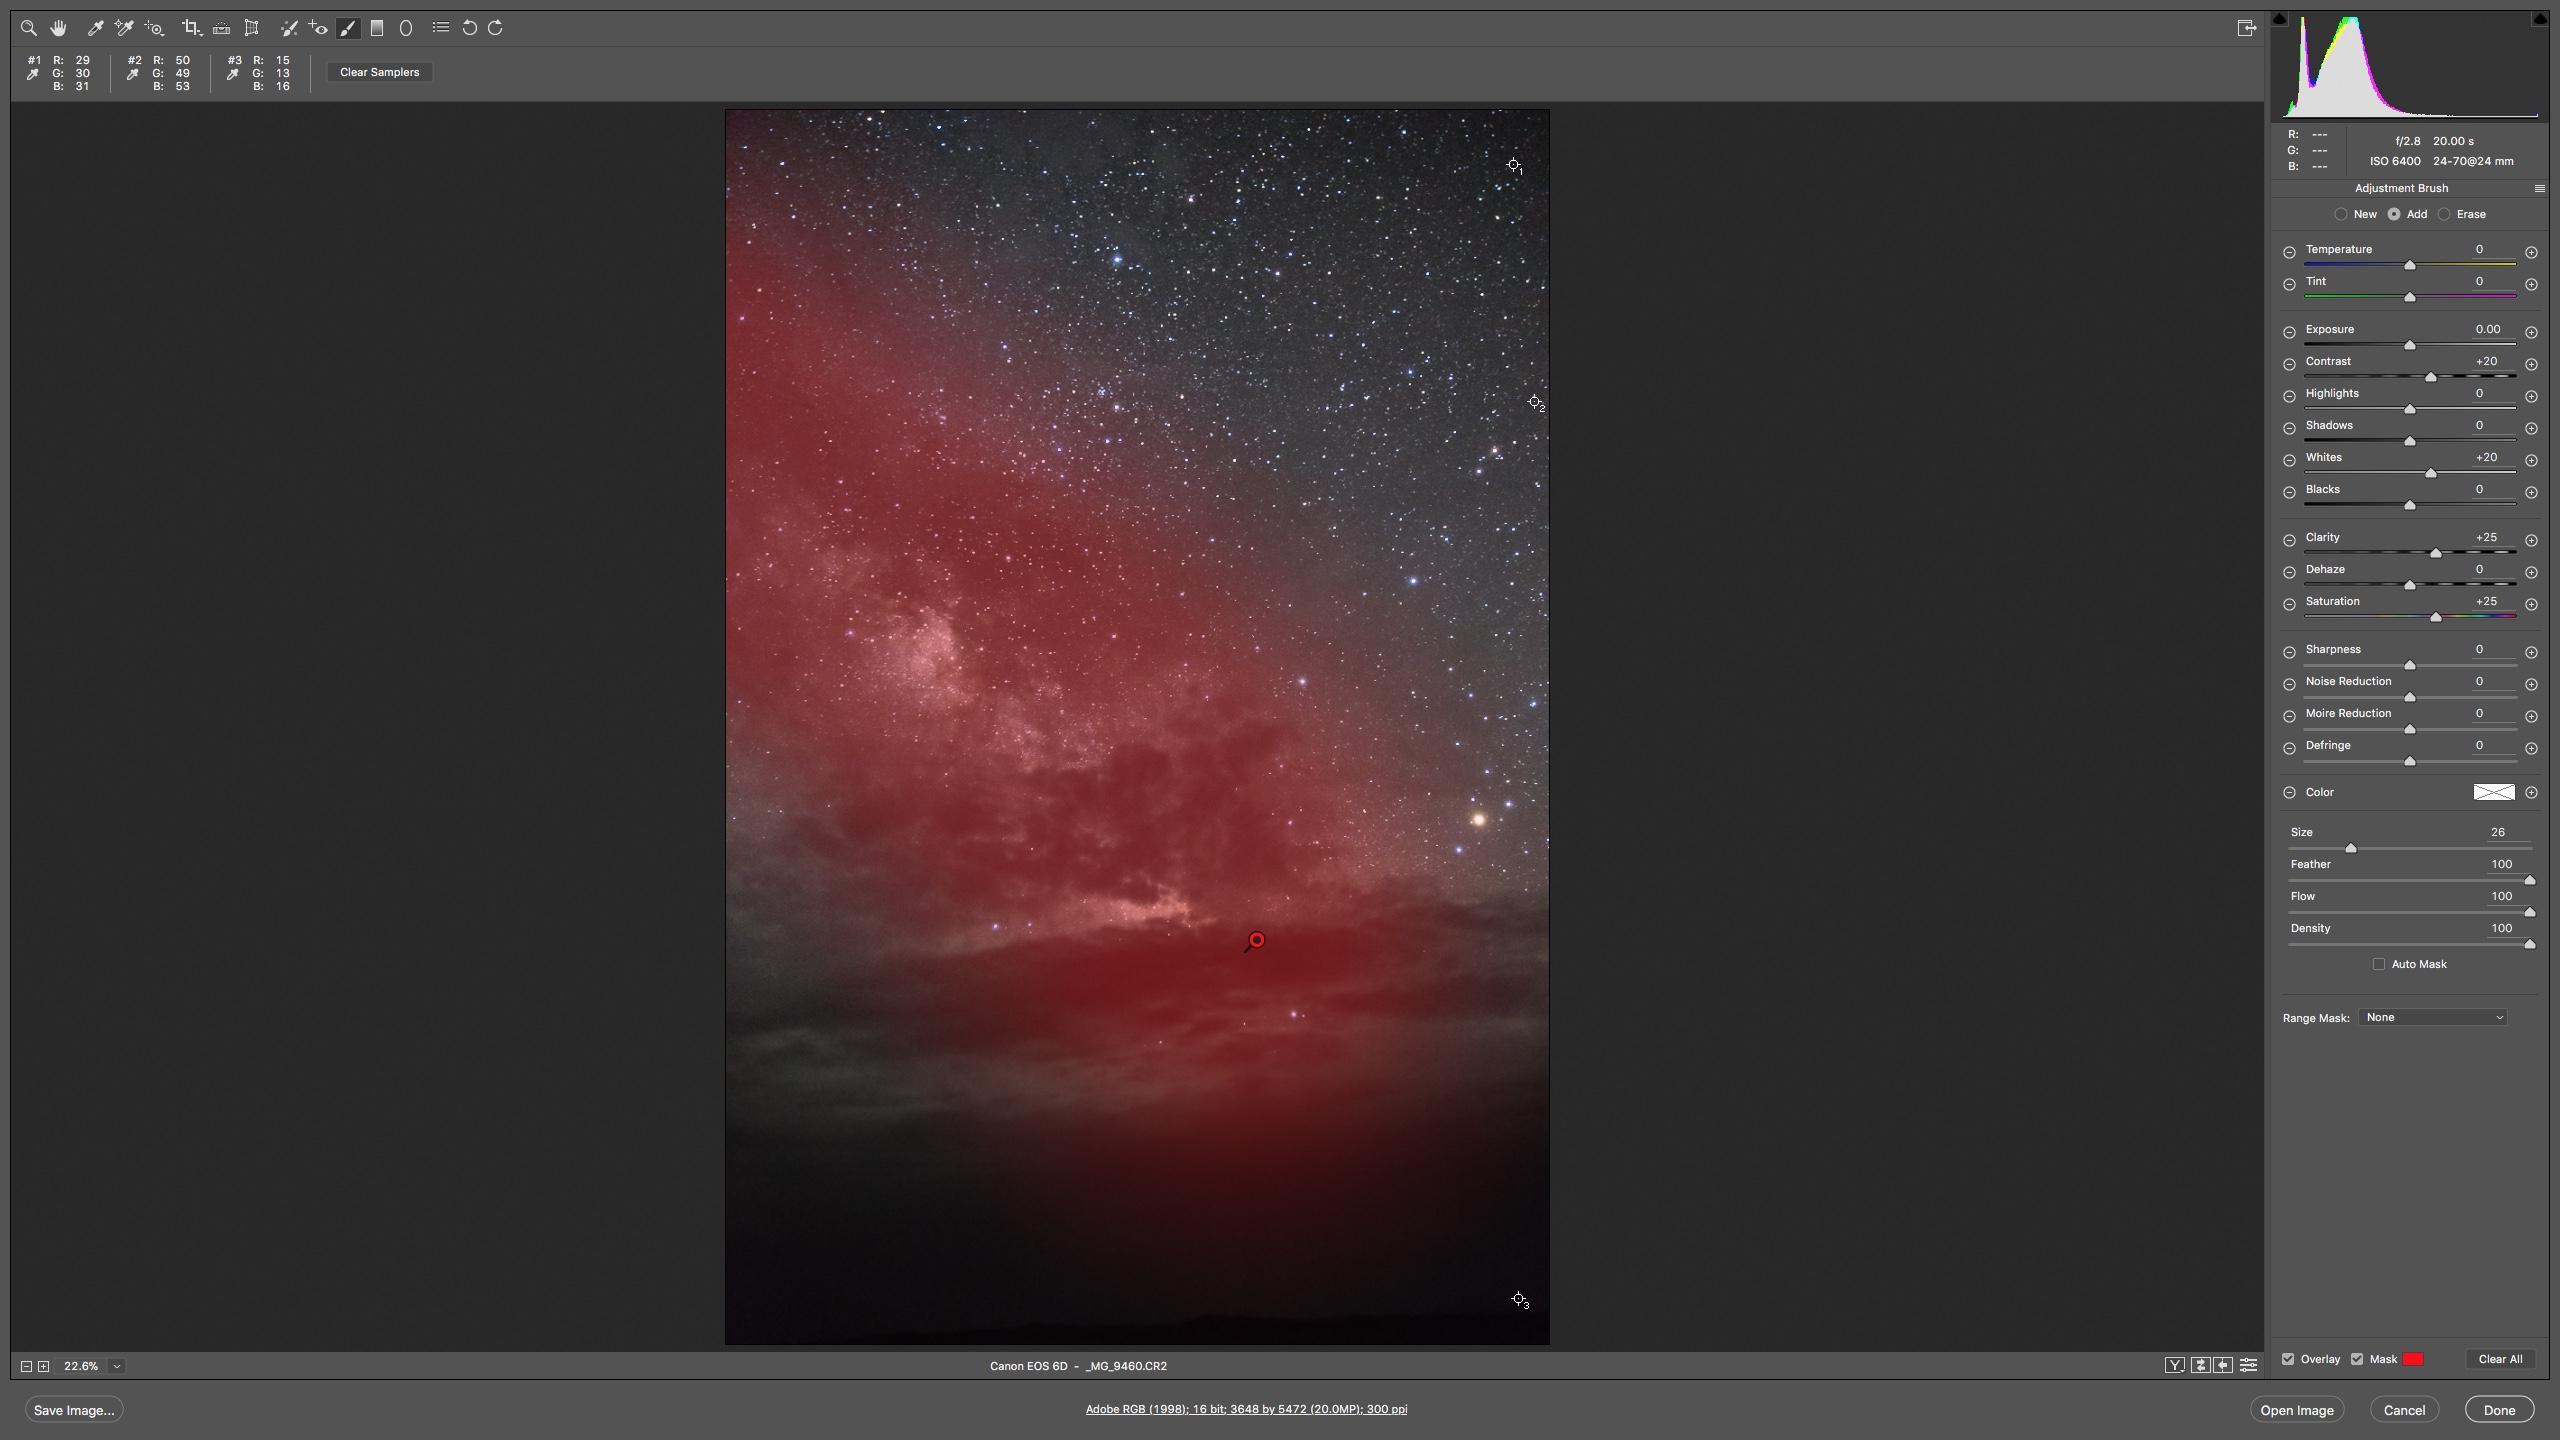 عکس ۱۰: فیلتر قلمو برای تاکید بر کهکشان راه شیری